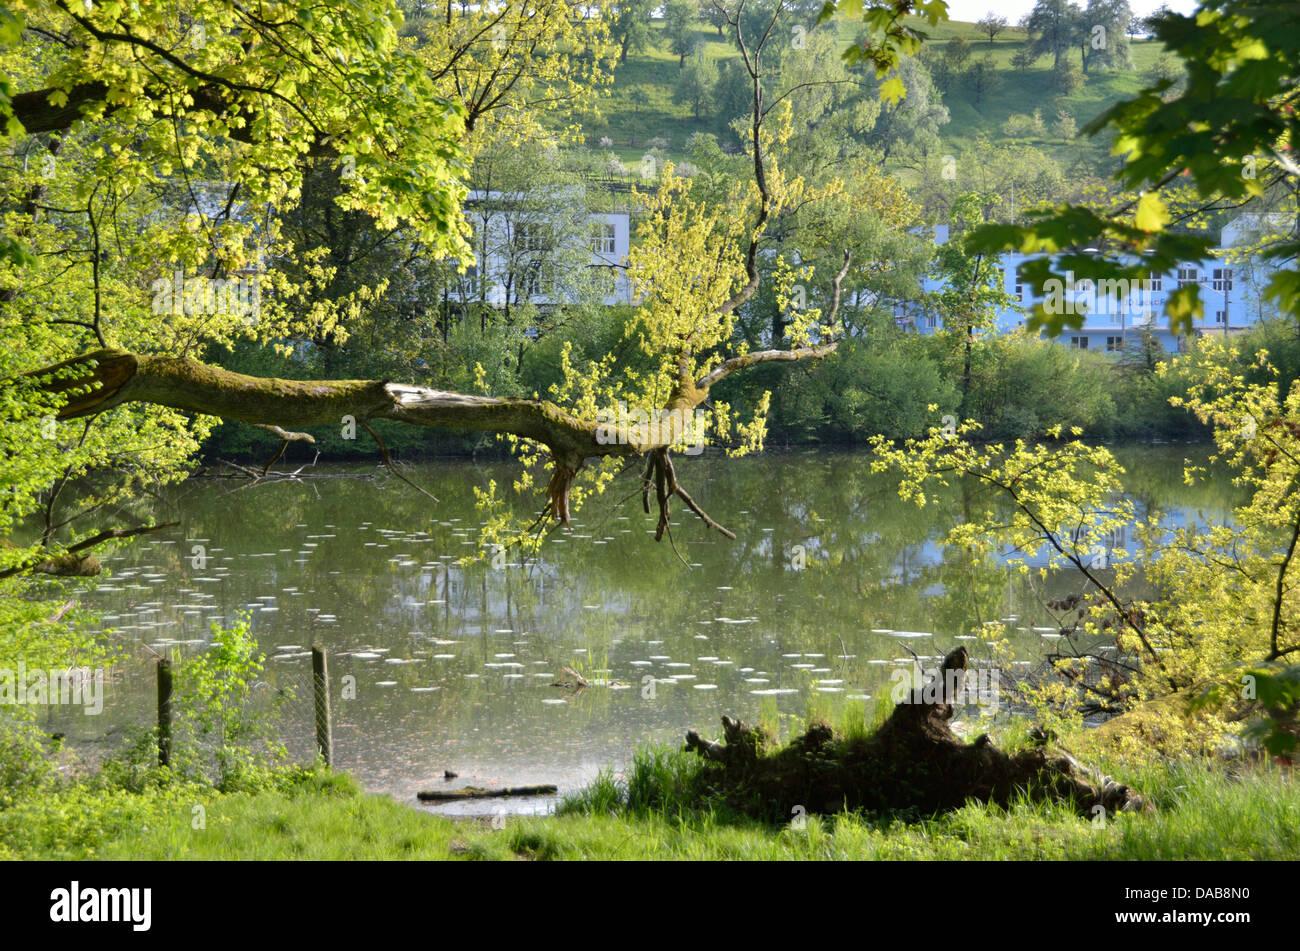 Ausee lake Au, Zurich, Switzerland - Stock Image